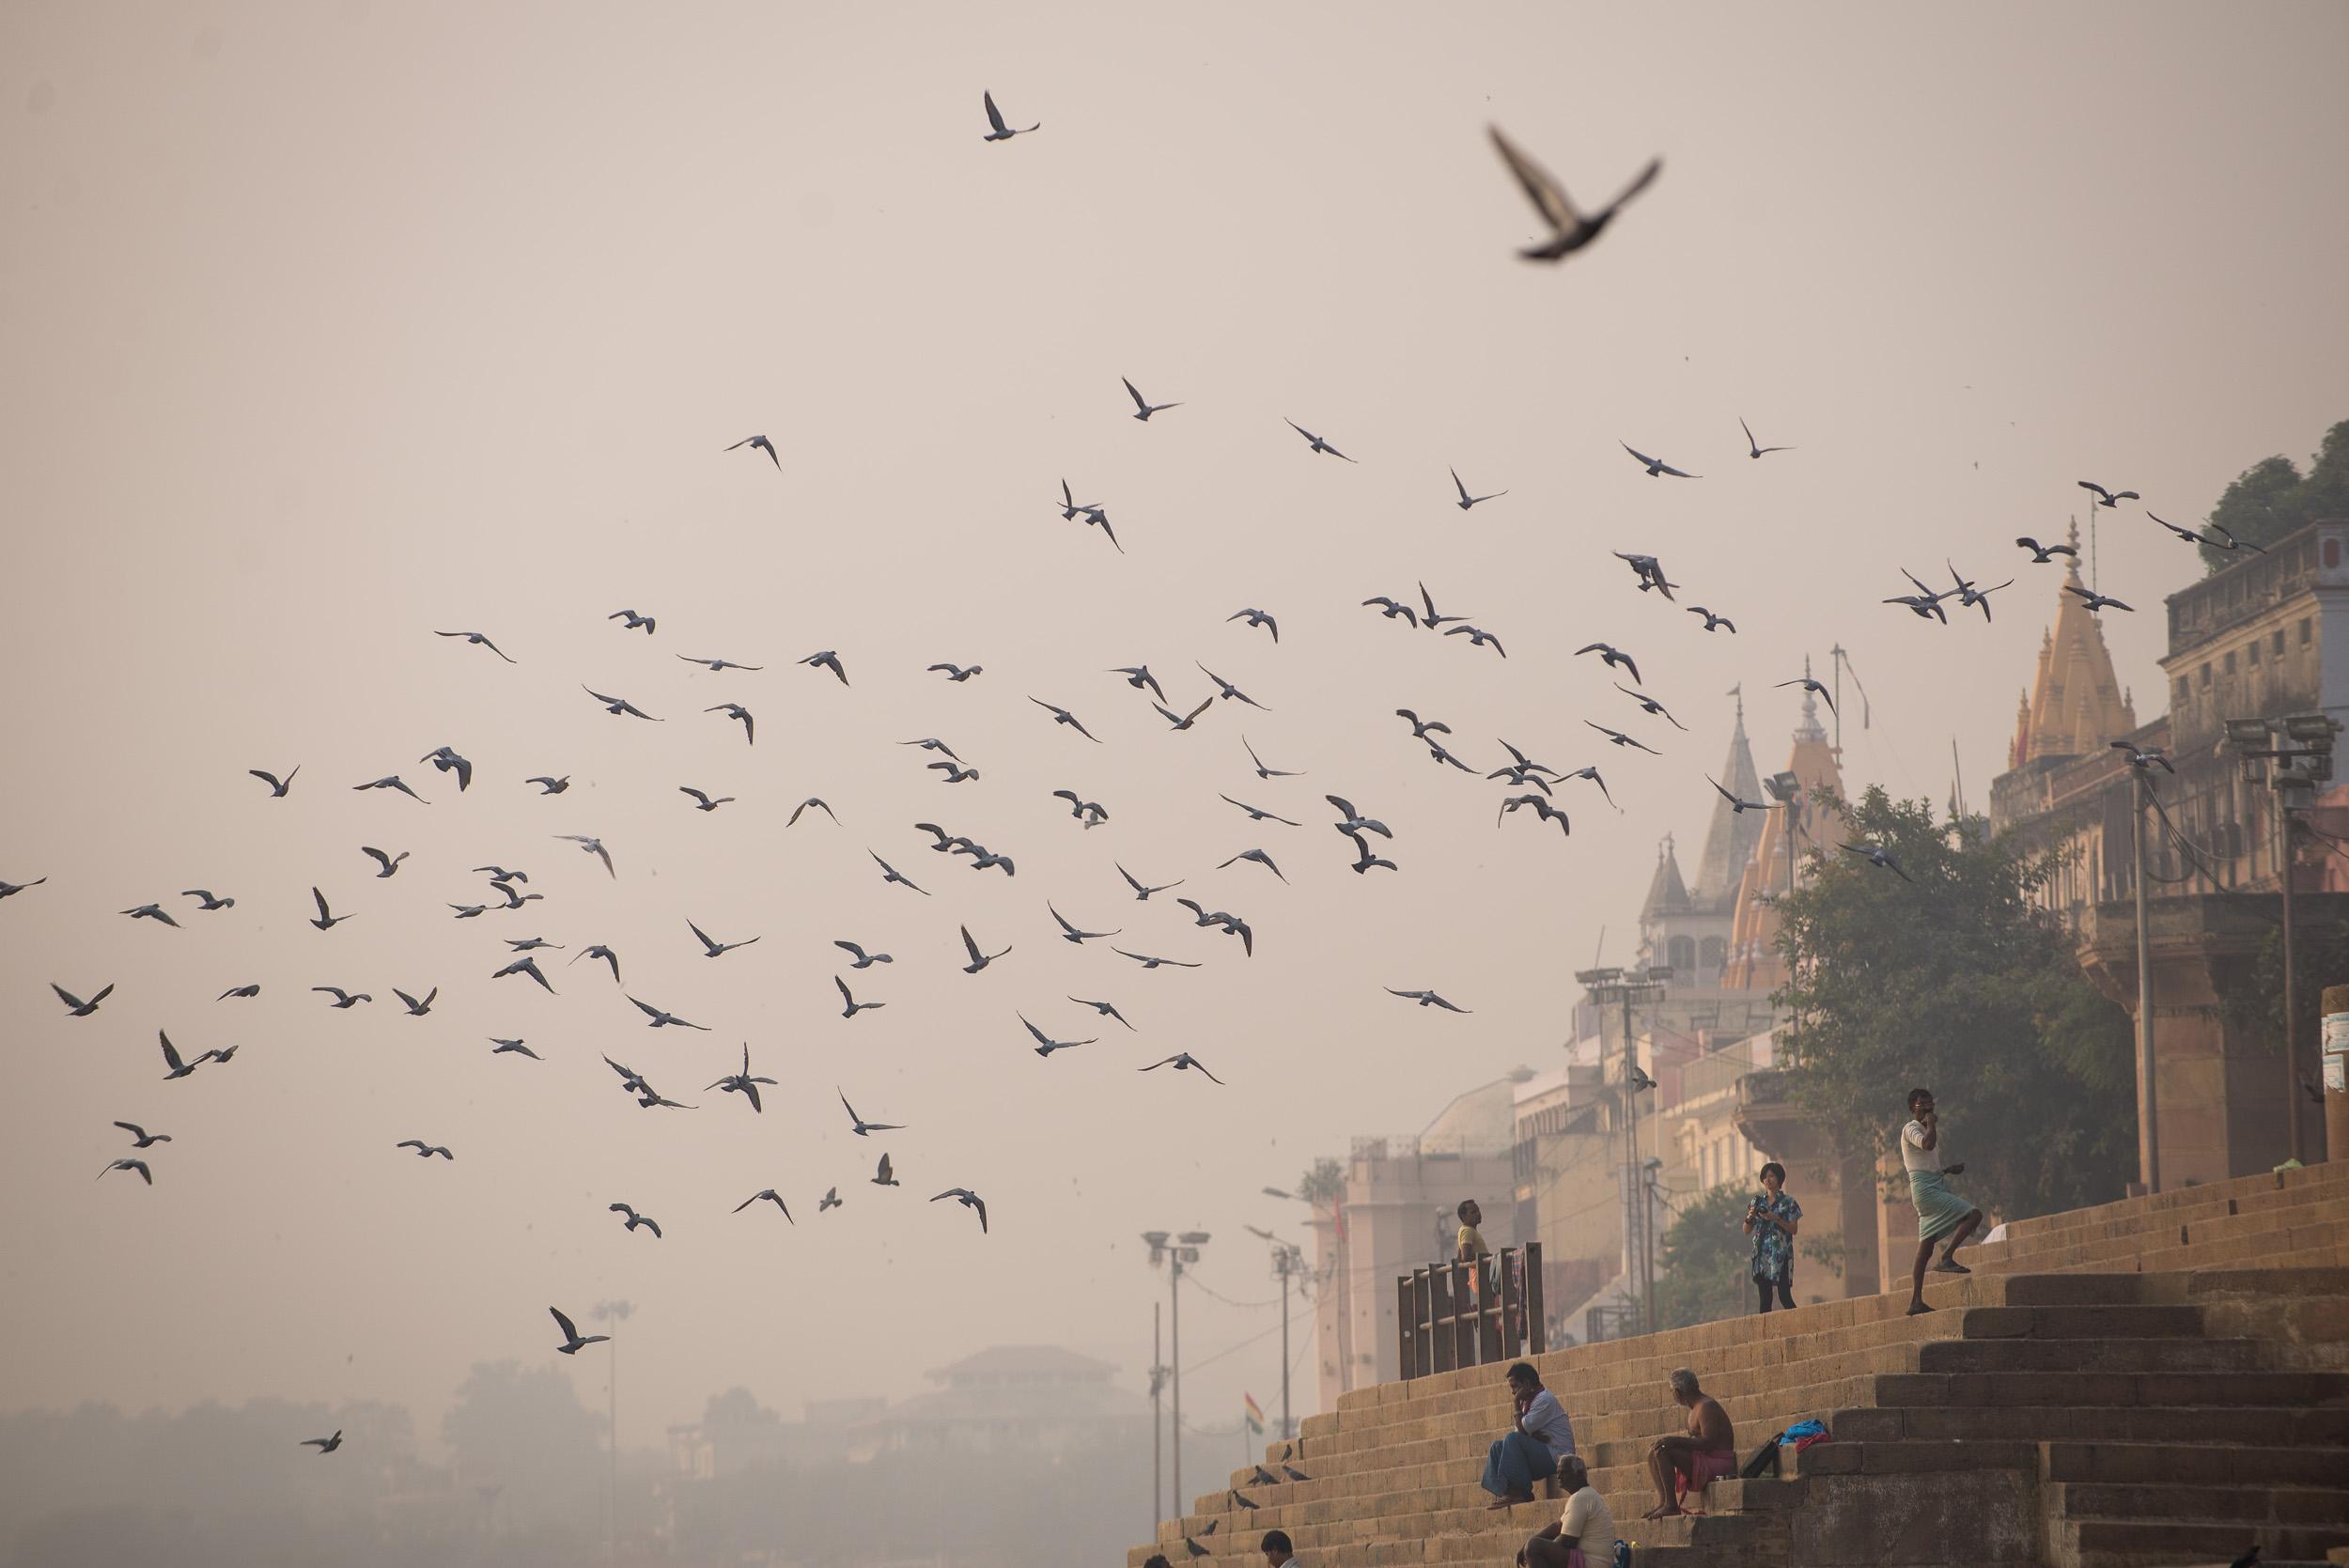 meyer-india-varanasi-31.jpg